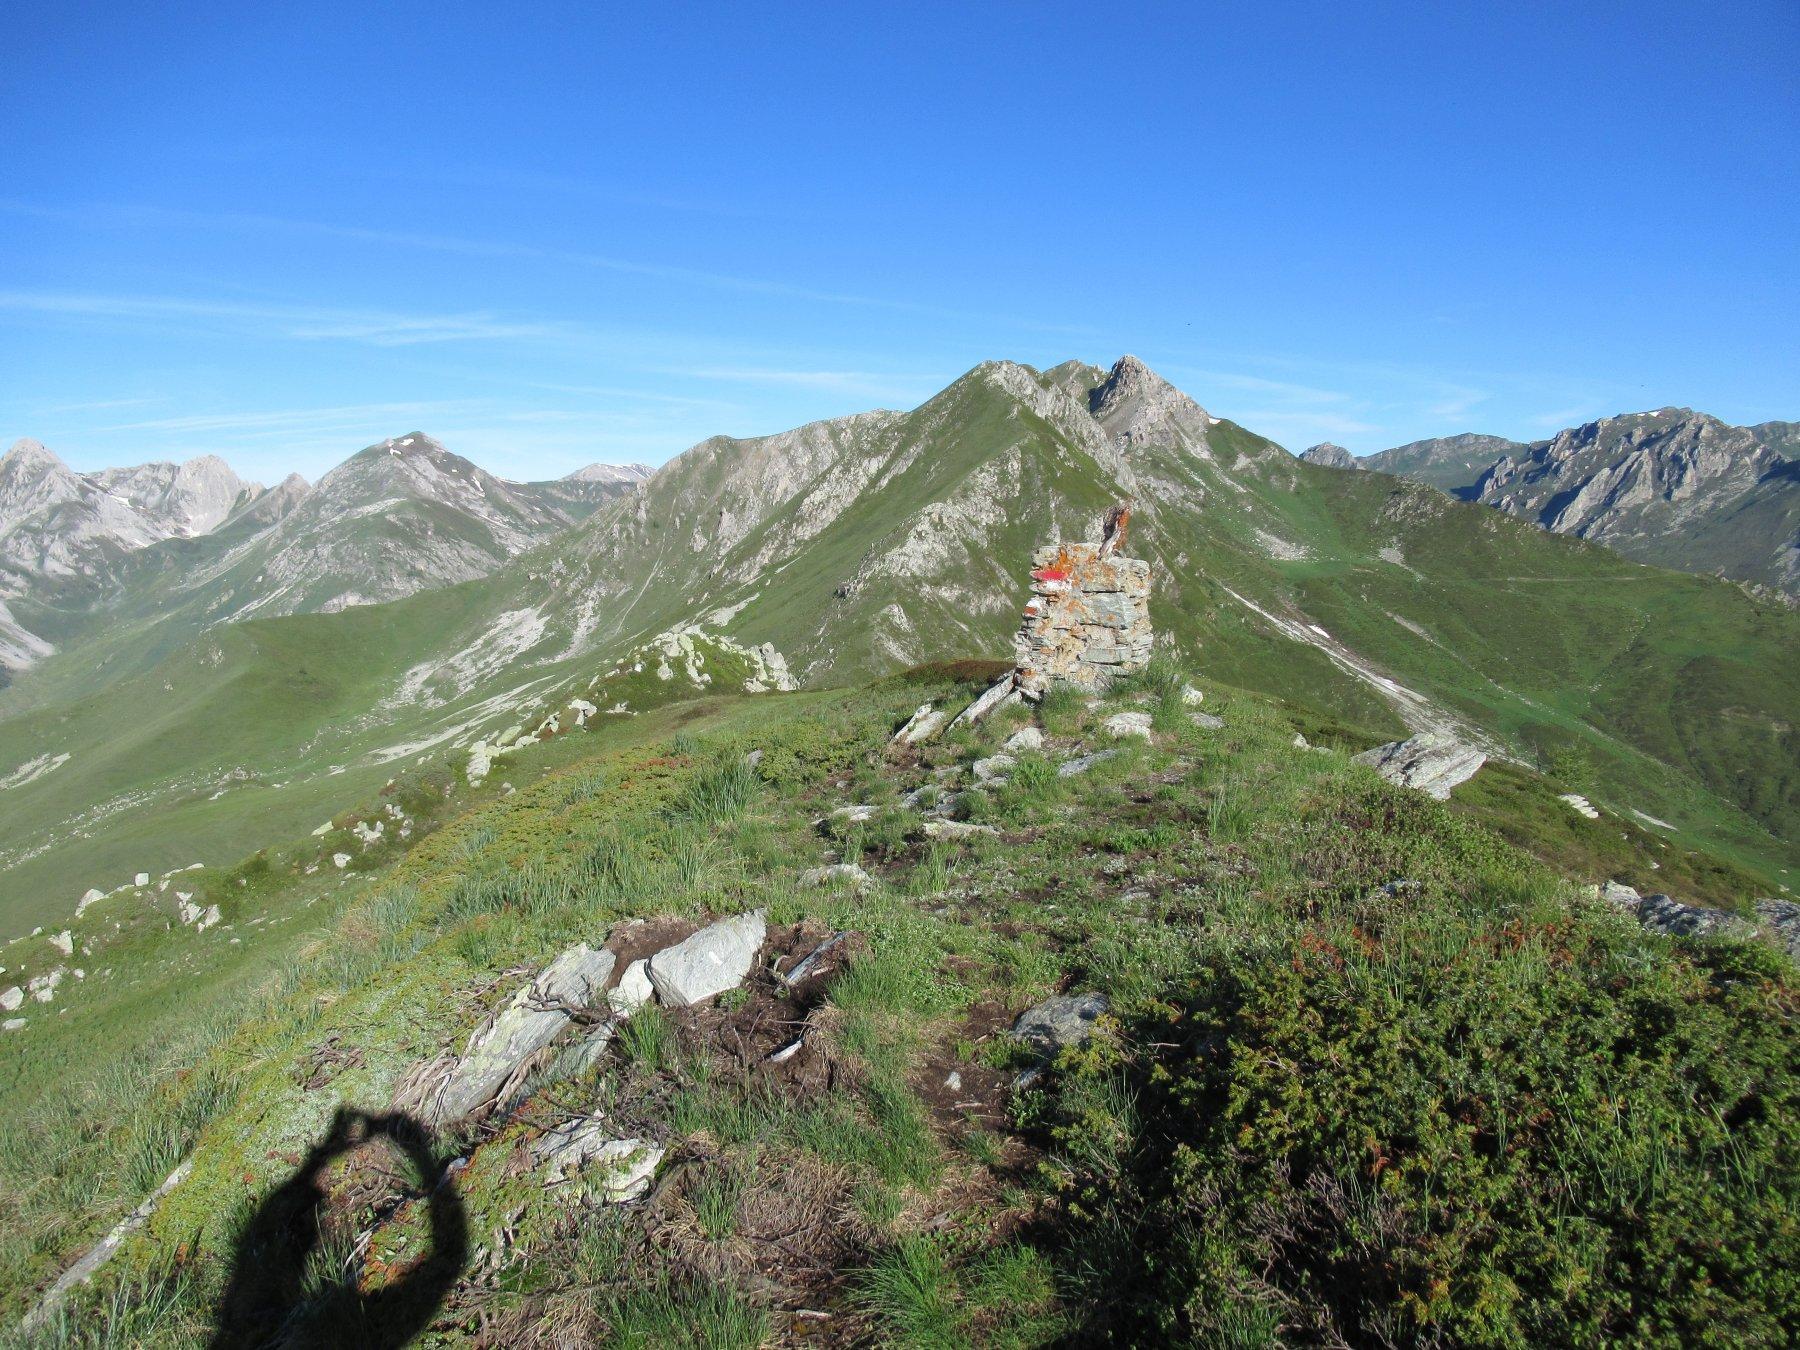 La cresta che percorriamo dalla spalla del Monte Borel